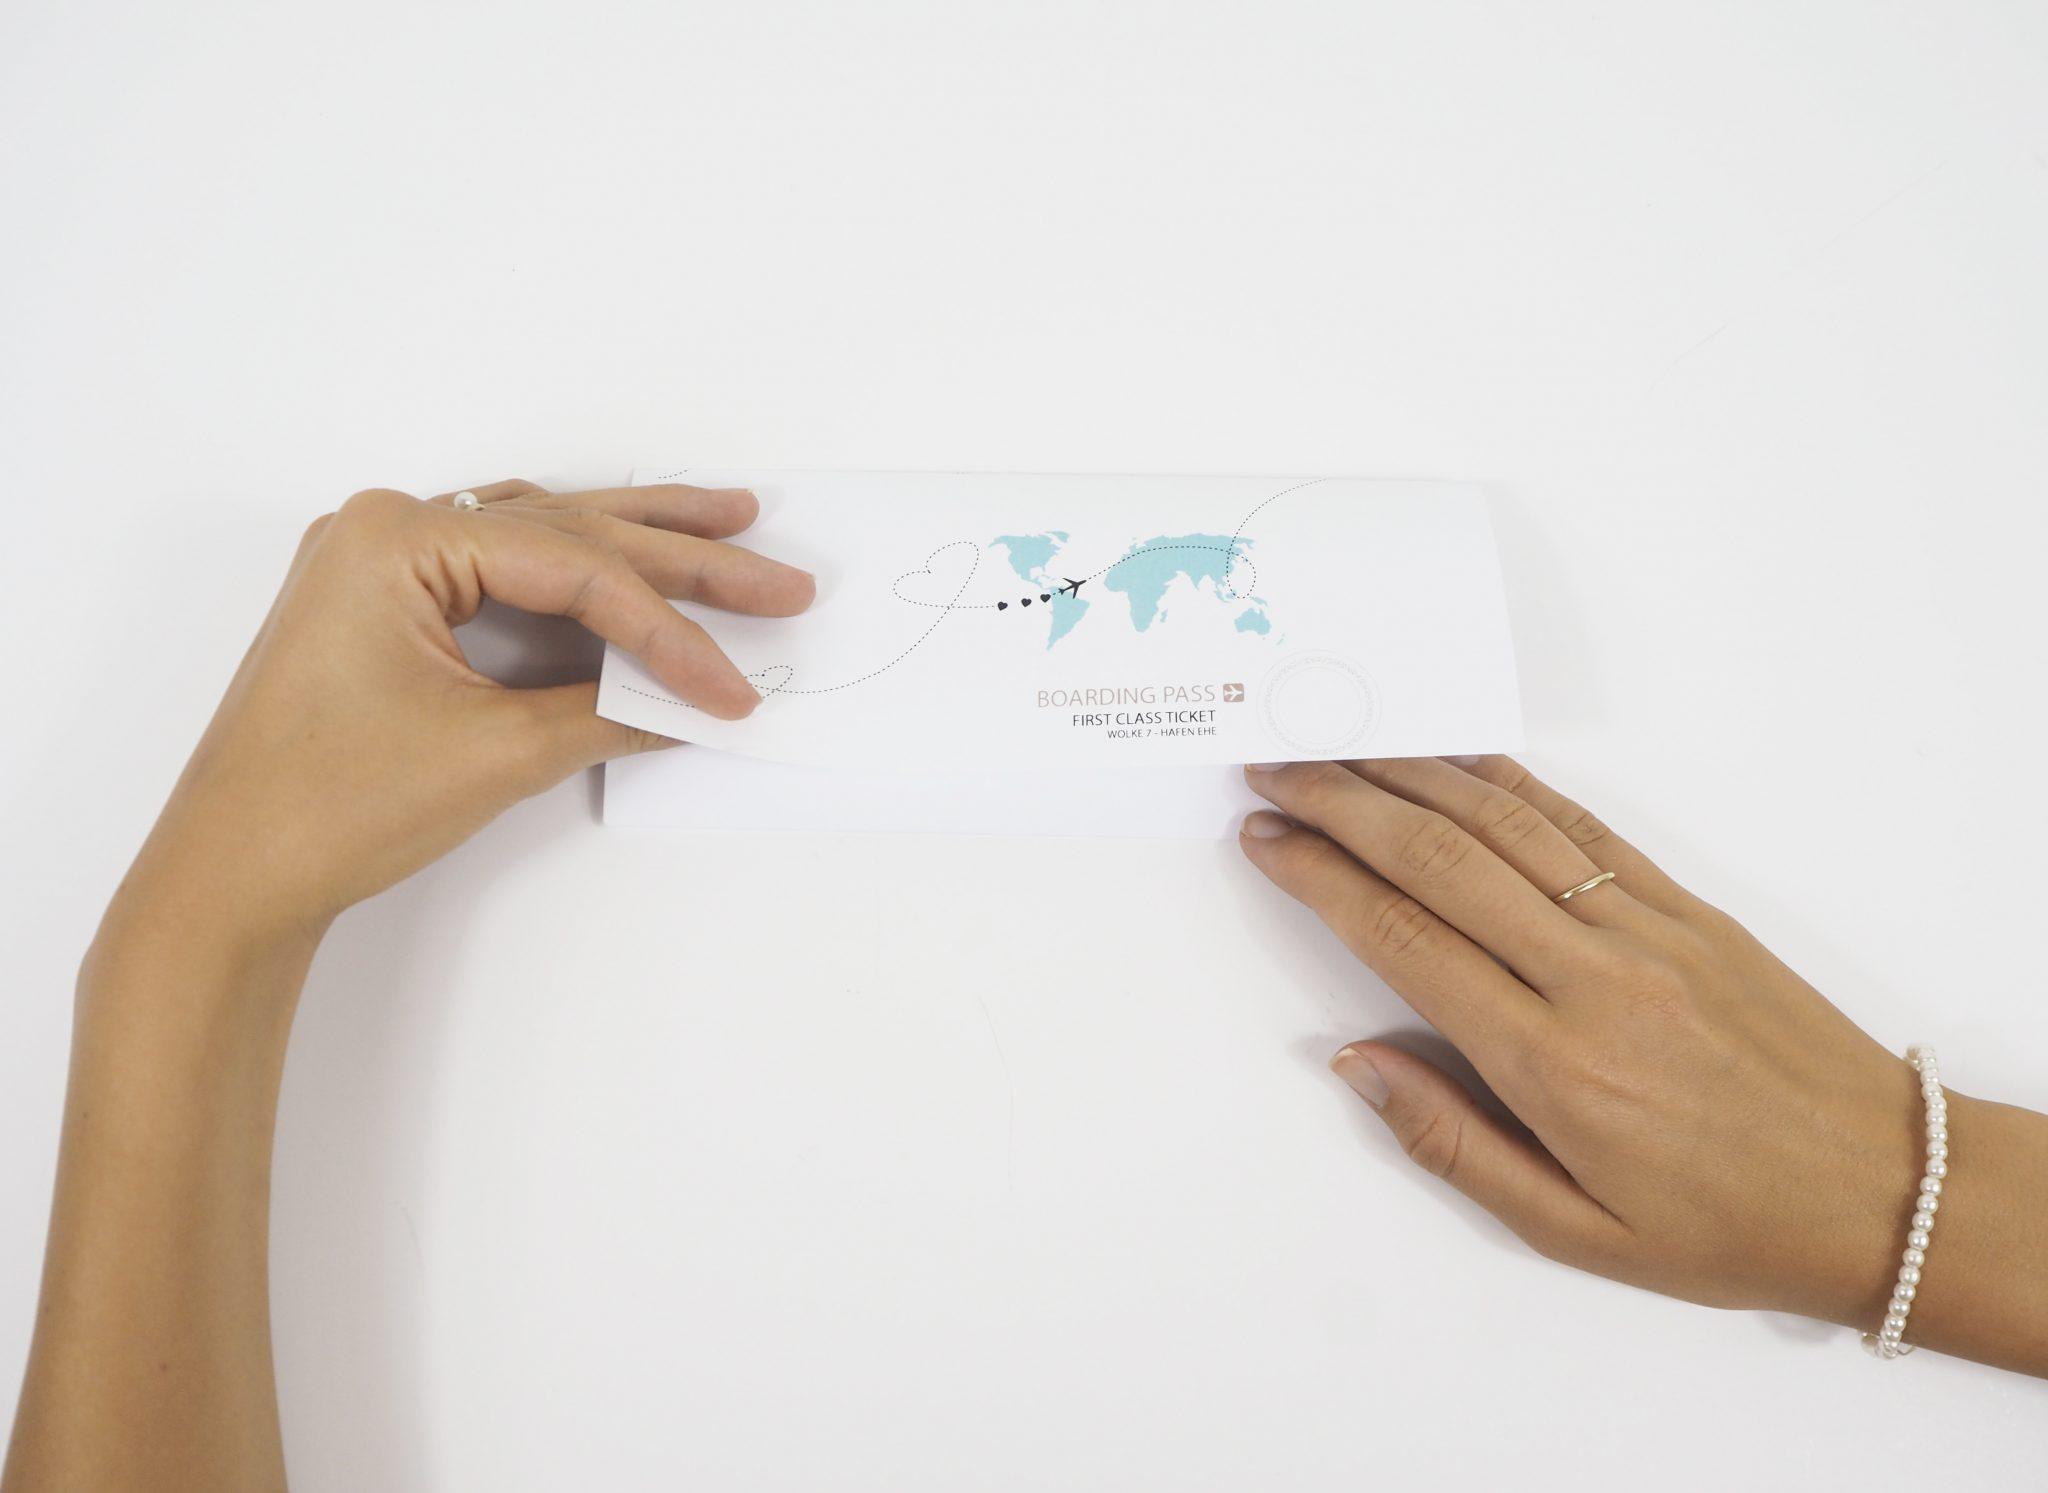 Kuvertvorderseite-umklappen-und-verschließen